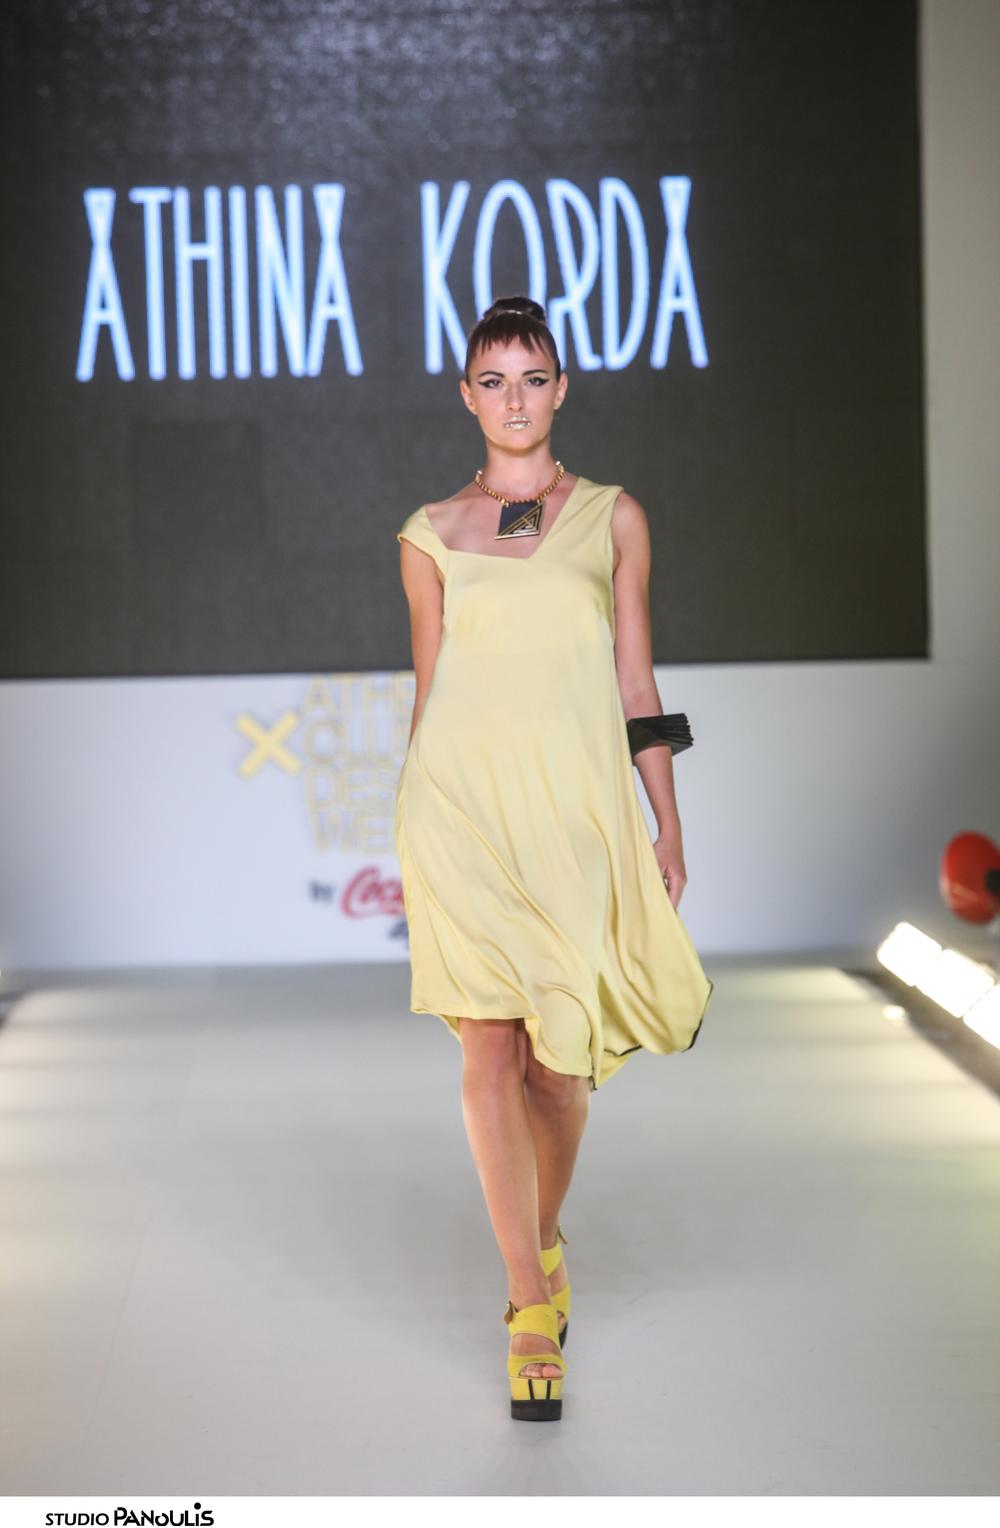 Athina Korda/Catwalk